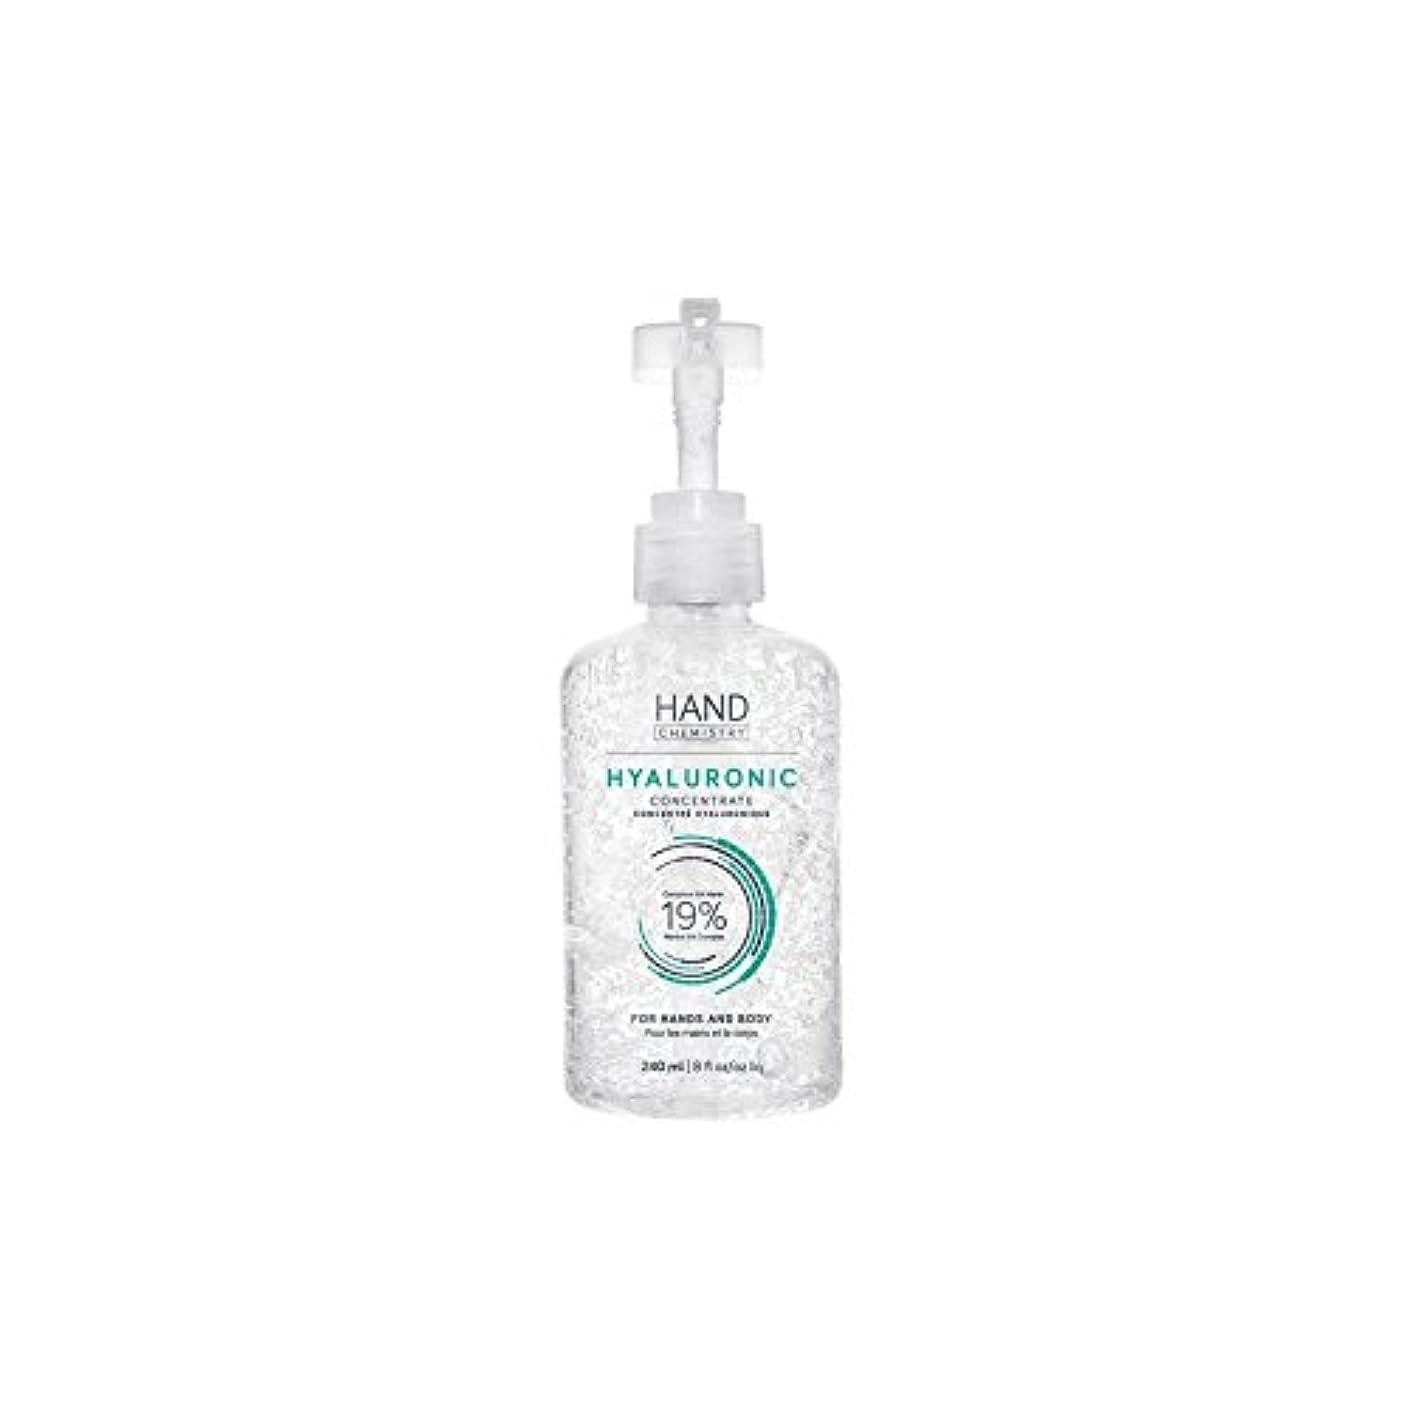 バッジ地上のデンマーク語HAND CHEMISTRY Hyaluronic Concentrate (240ml) - 手の化学ヒアルロン濃縮物(240ミリリットル) [並行輸入品]